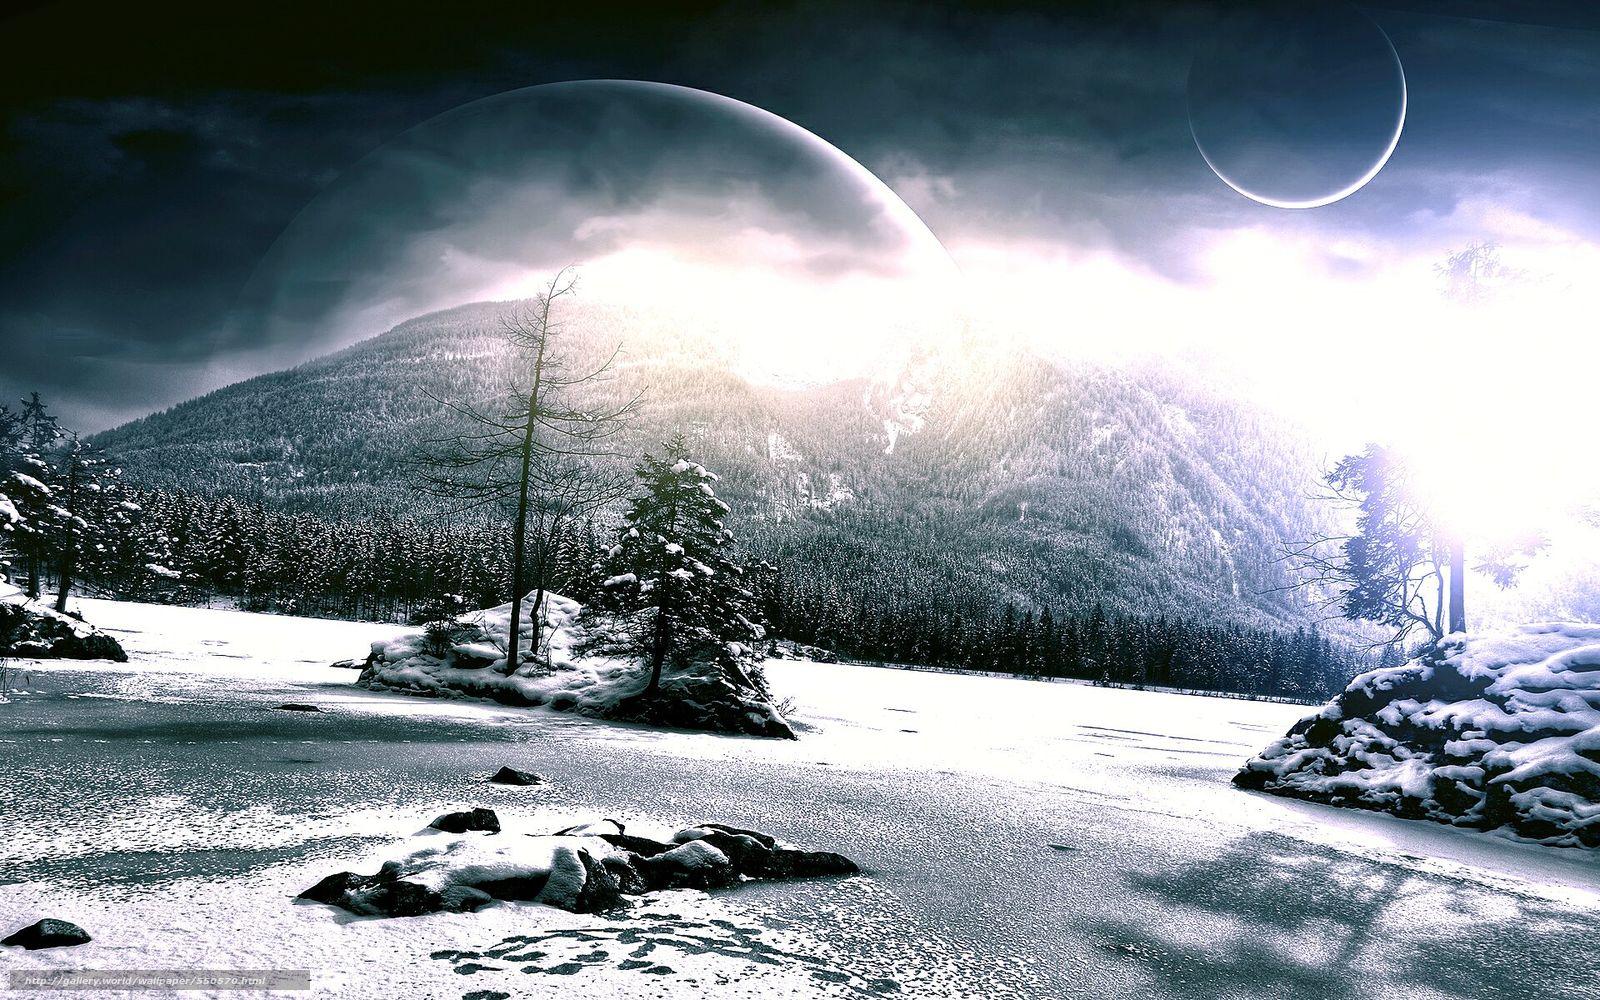 Скачать на телефон обои фото картинку на тему космос, 3d, art, горы, планеты, зима, разширение 1920x1200